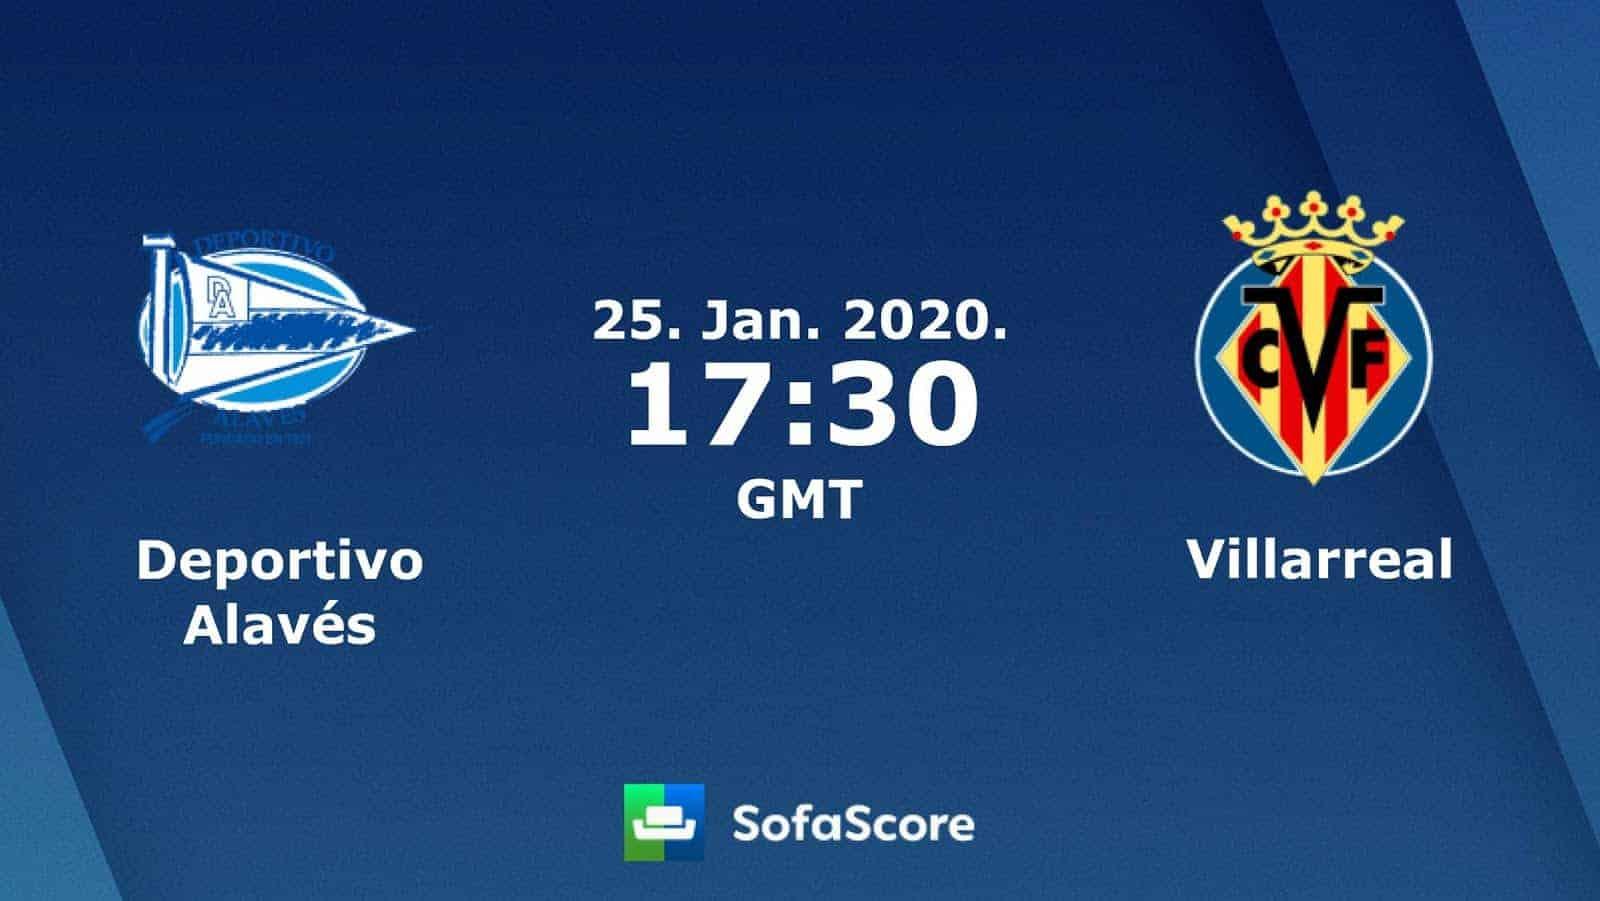 Soi kèo nhà cái Deportivo Alaves vs Villarreal, 26/01/2020 - La Liga